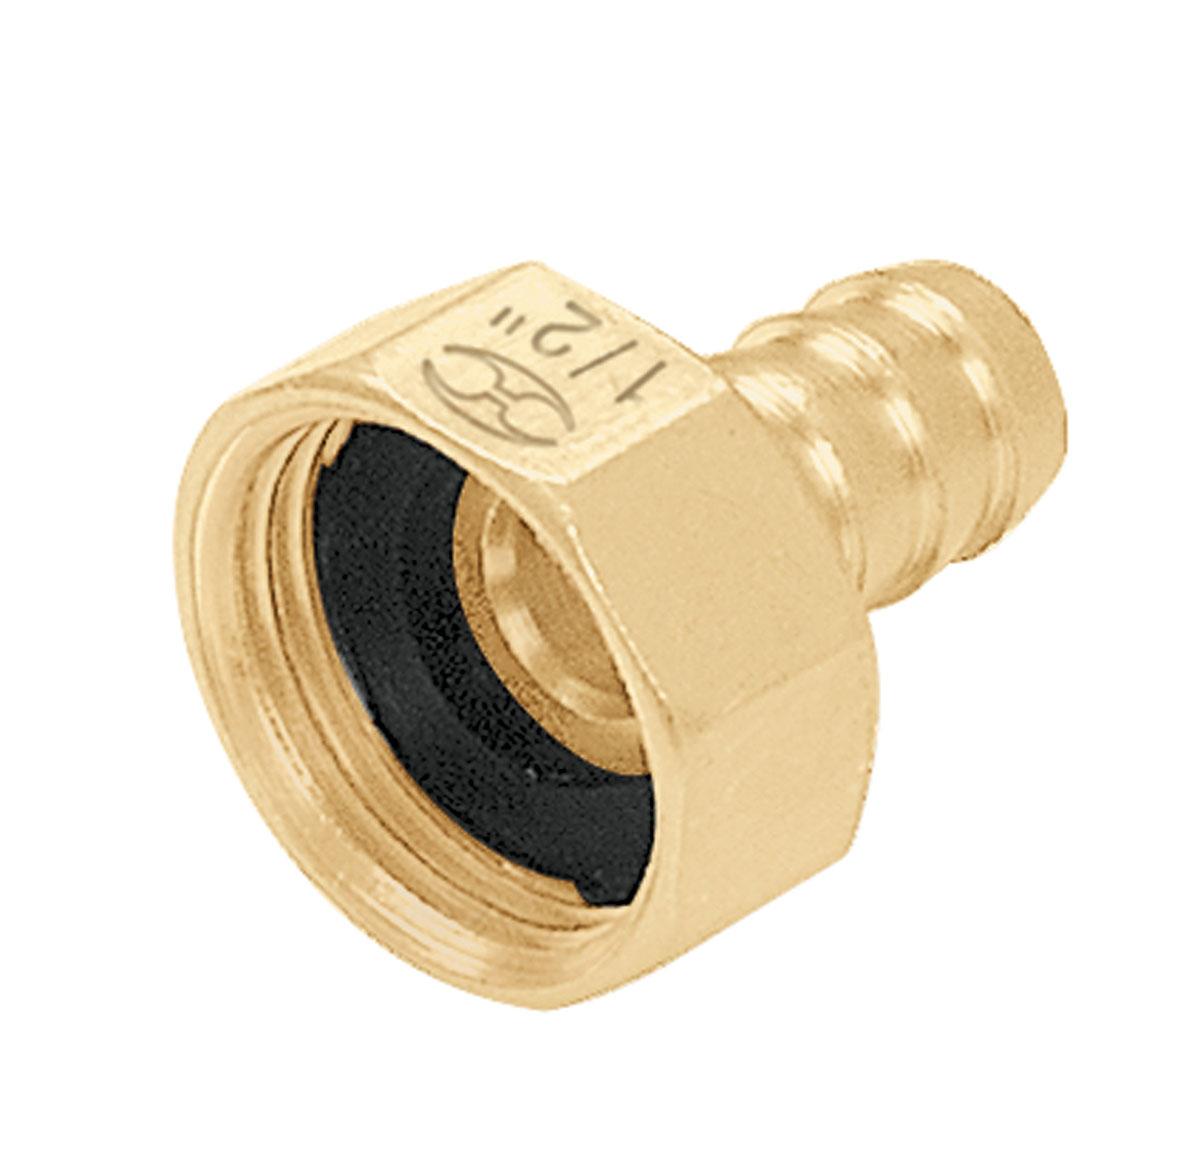 Коннектор для шланга Truper, латунный, мама, 1/2 коннектор ремонтный для шланга truper пластиковый мама 5 8 3 4